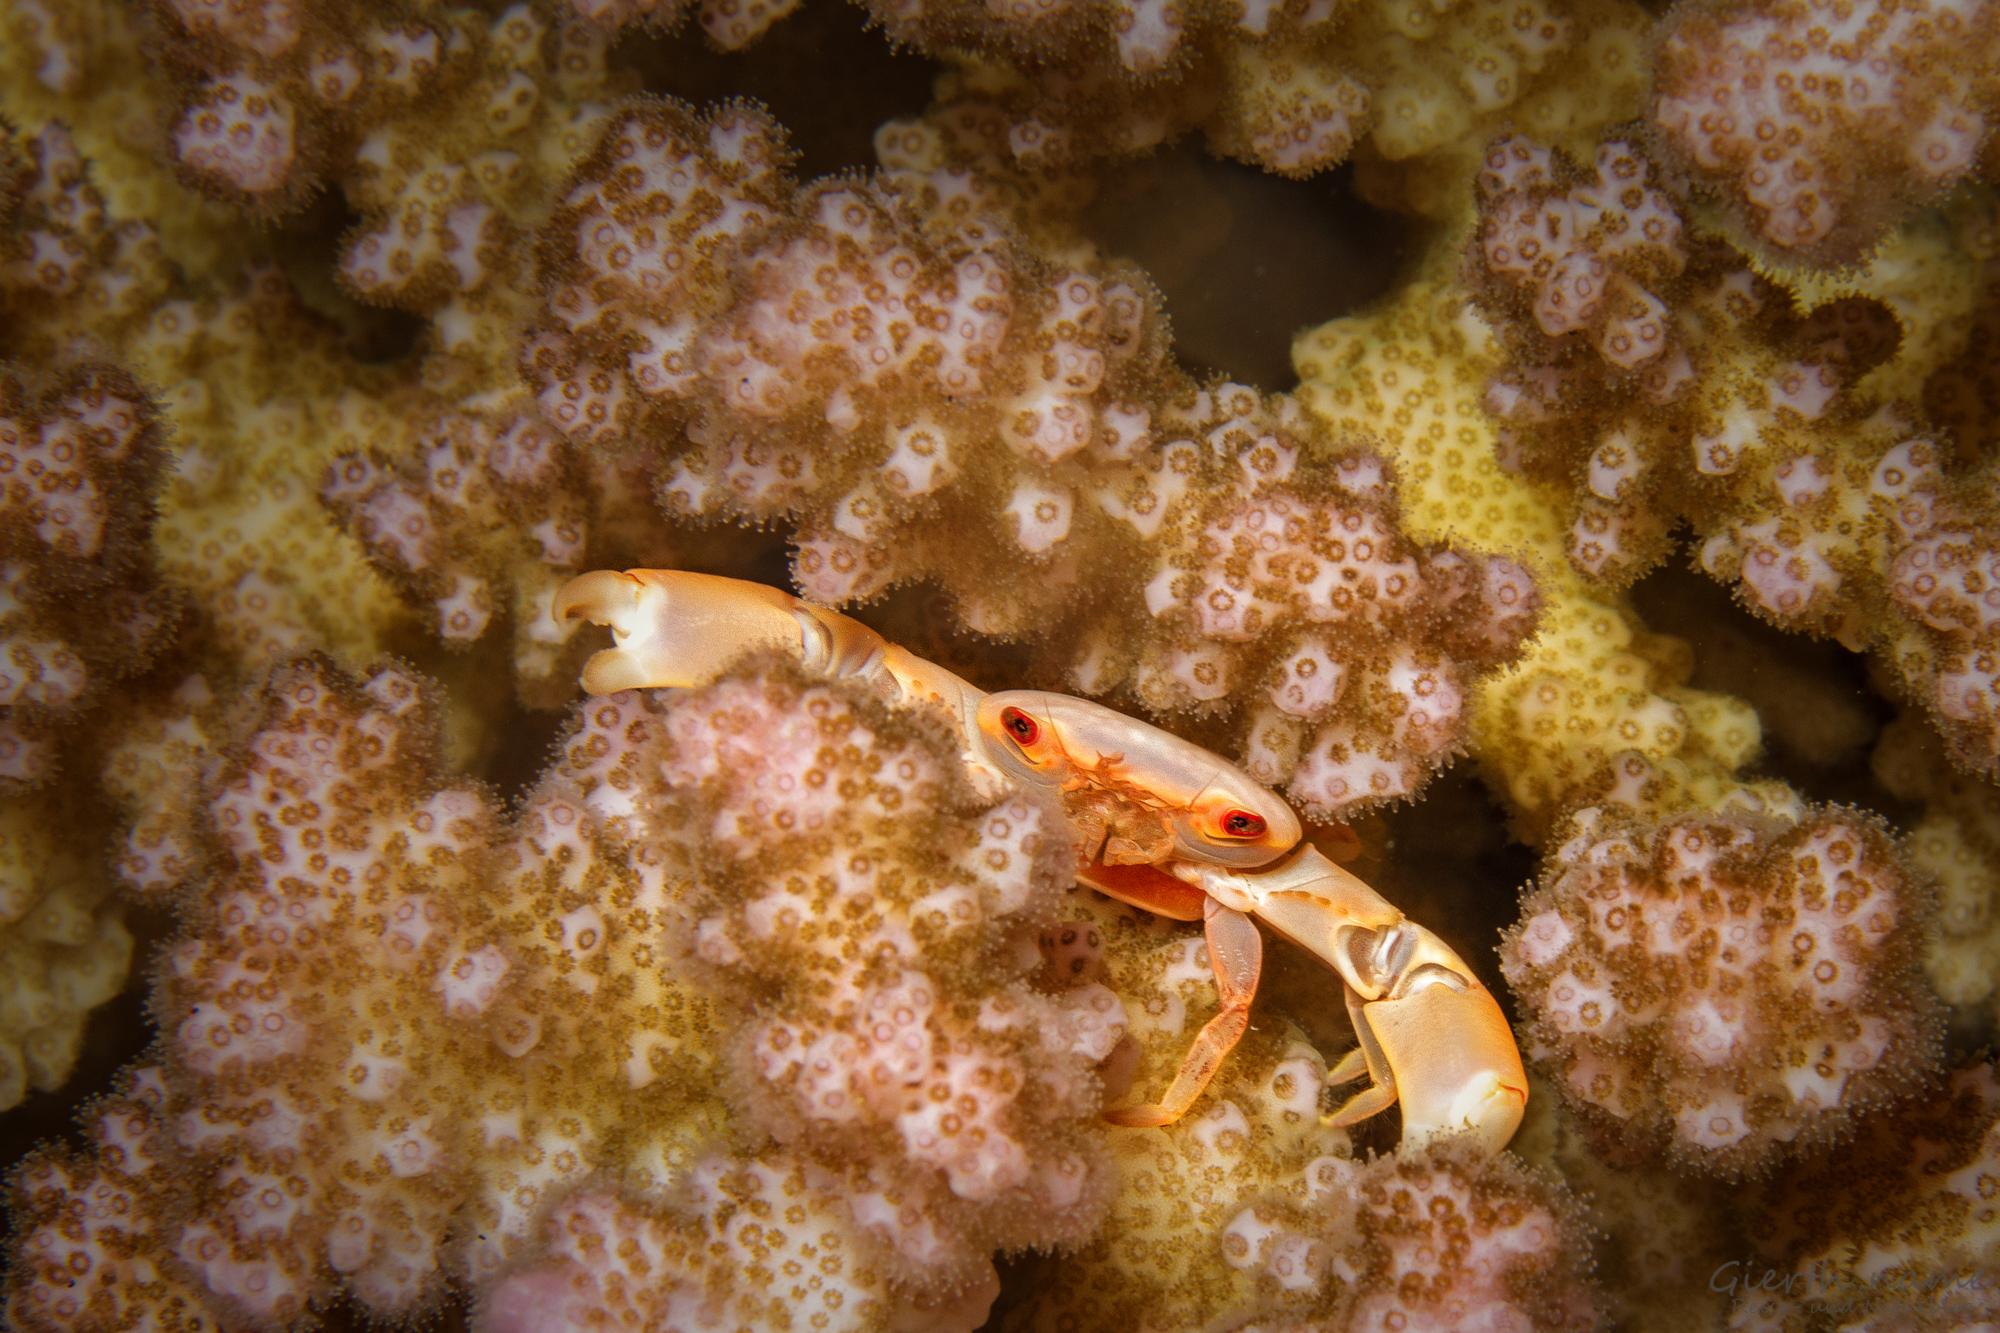 Korallenkrabbe